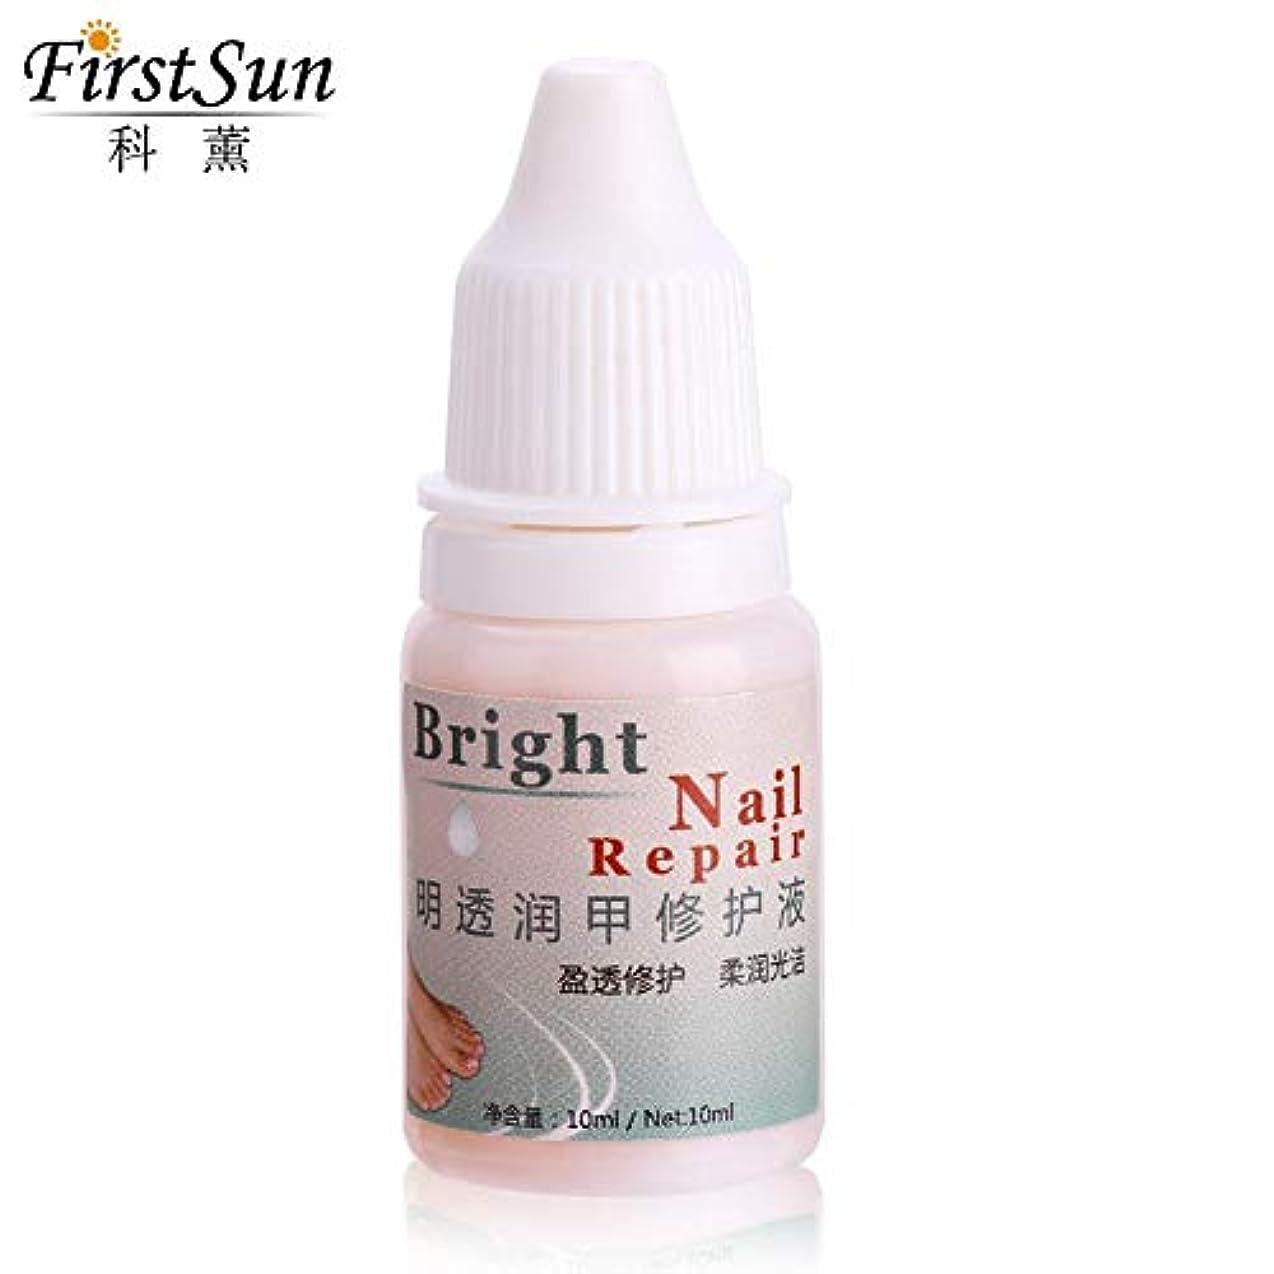 ネイルケア液、変色した脆い割れた爪のための爪看護液、輝く足指の爪と指の爪のソリューション10mlを復元